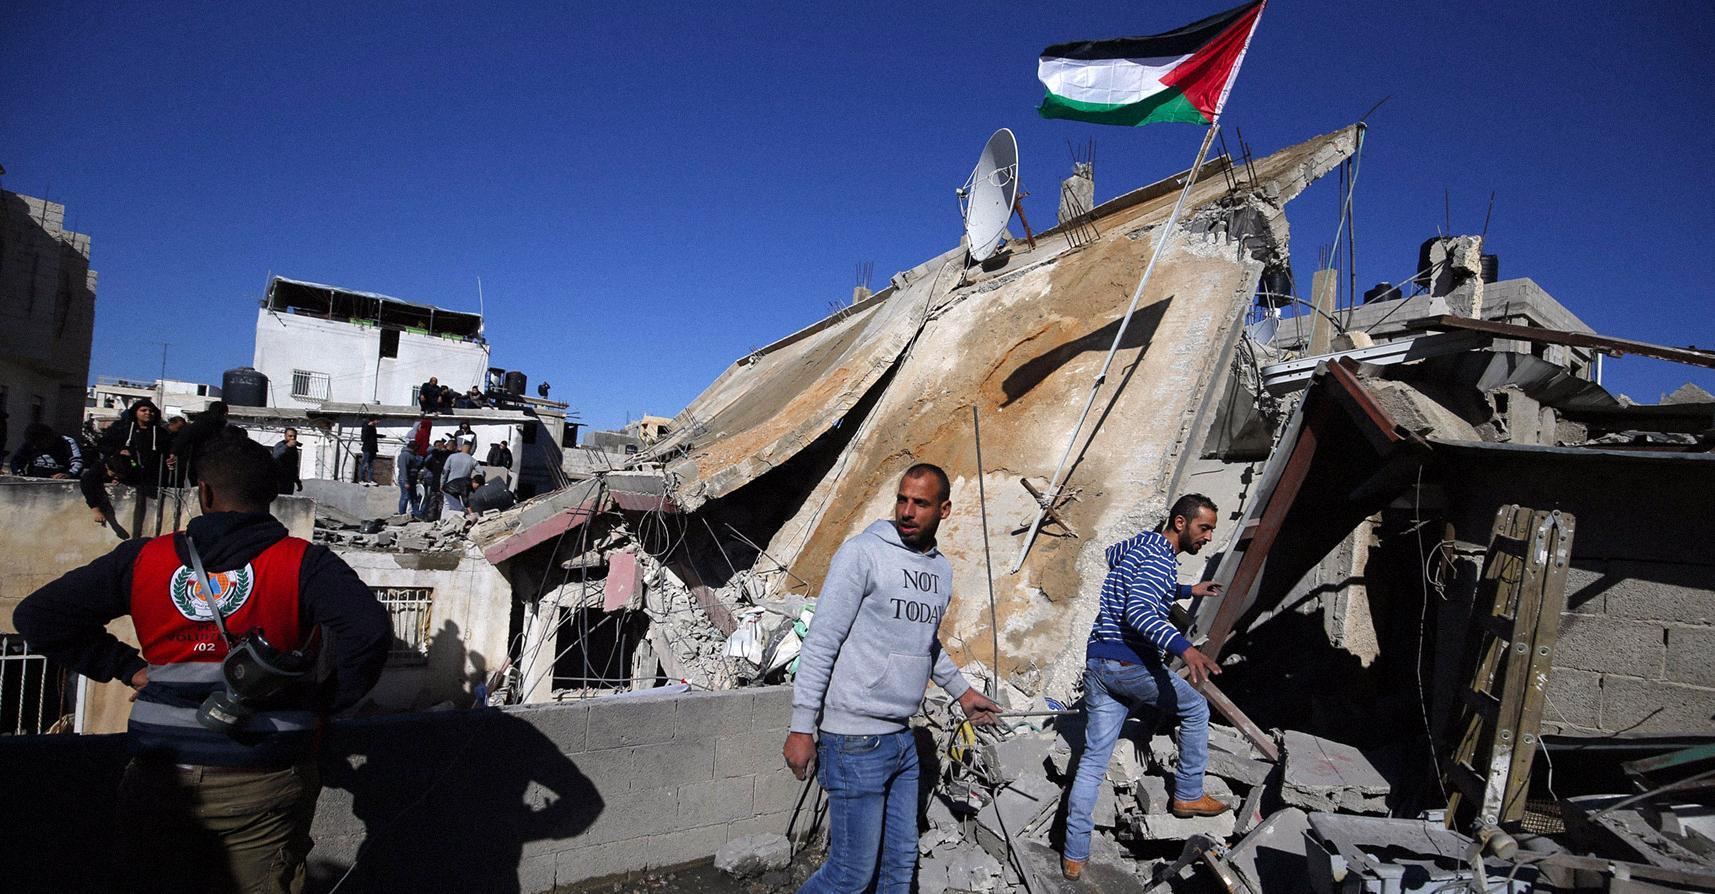 صورة إسرائيل تضبط نفسها وتكتفي بهدم منزل عائلة أبو حميد بدل إبادتهم